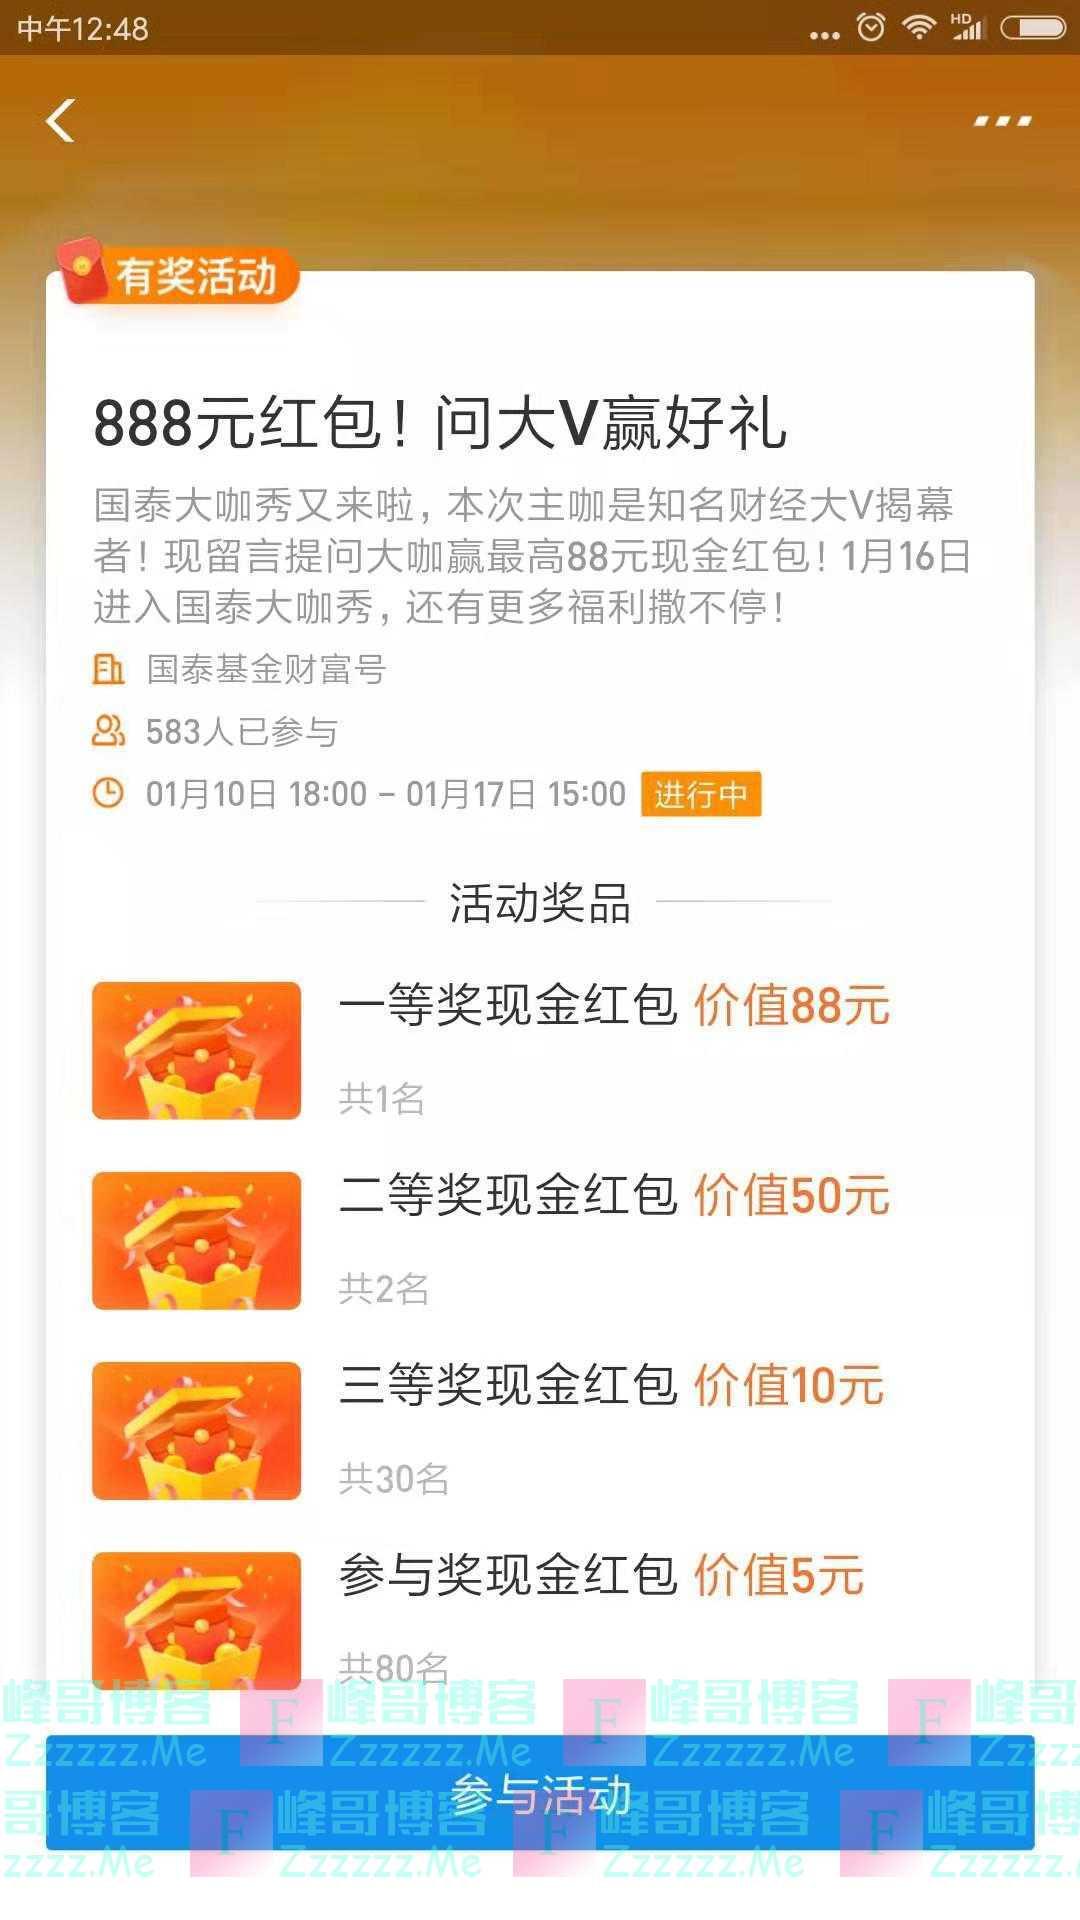 国泰基金888元红包 问大V赢好礼(截止1月17日)